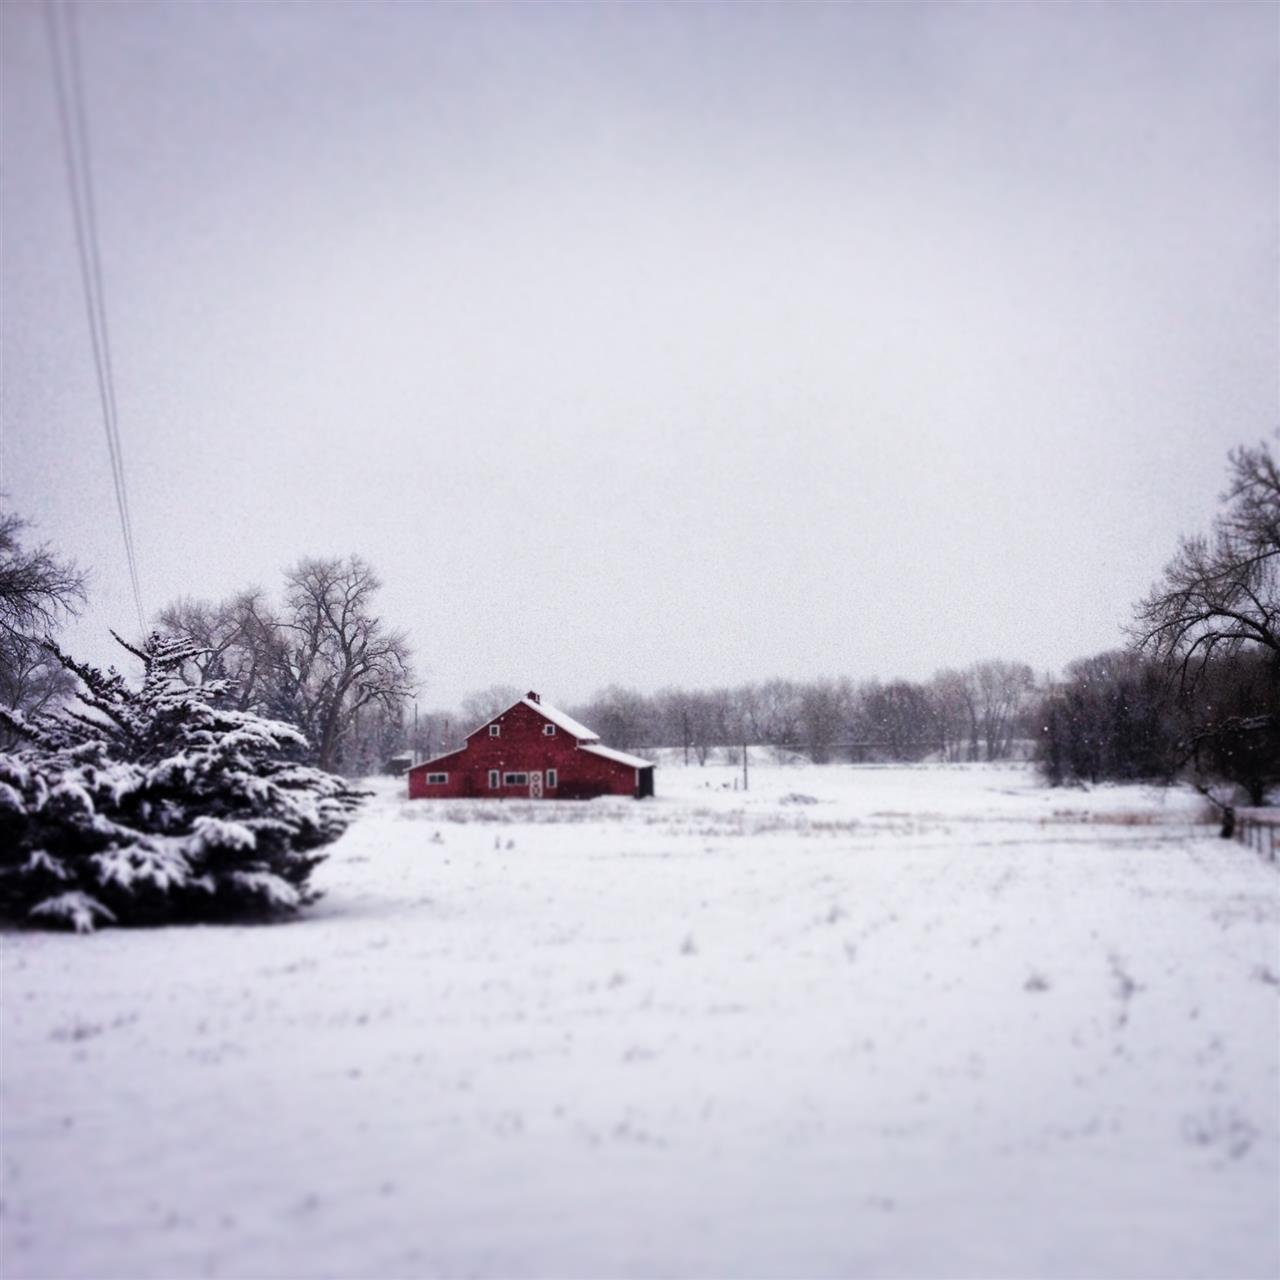 Snowy Barn, Louisville, CO